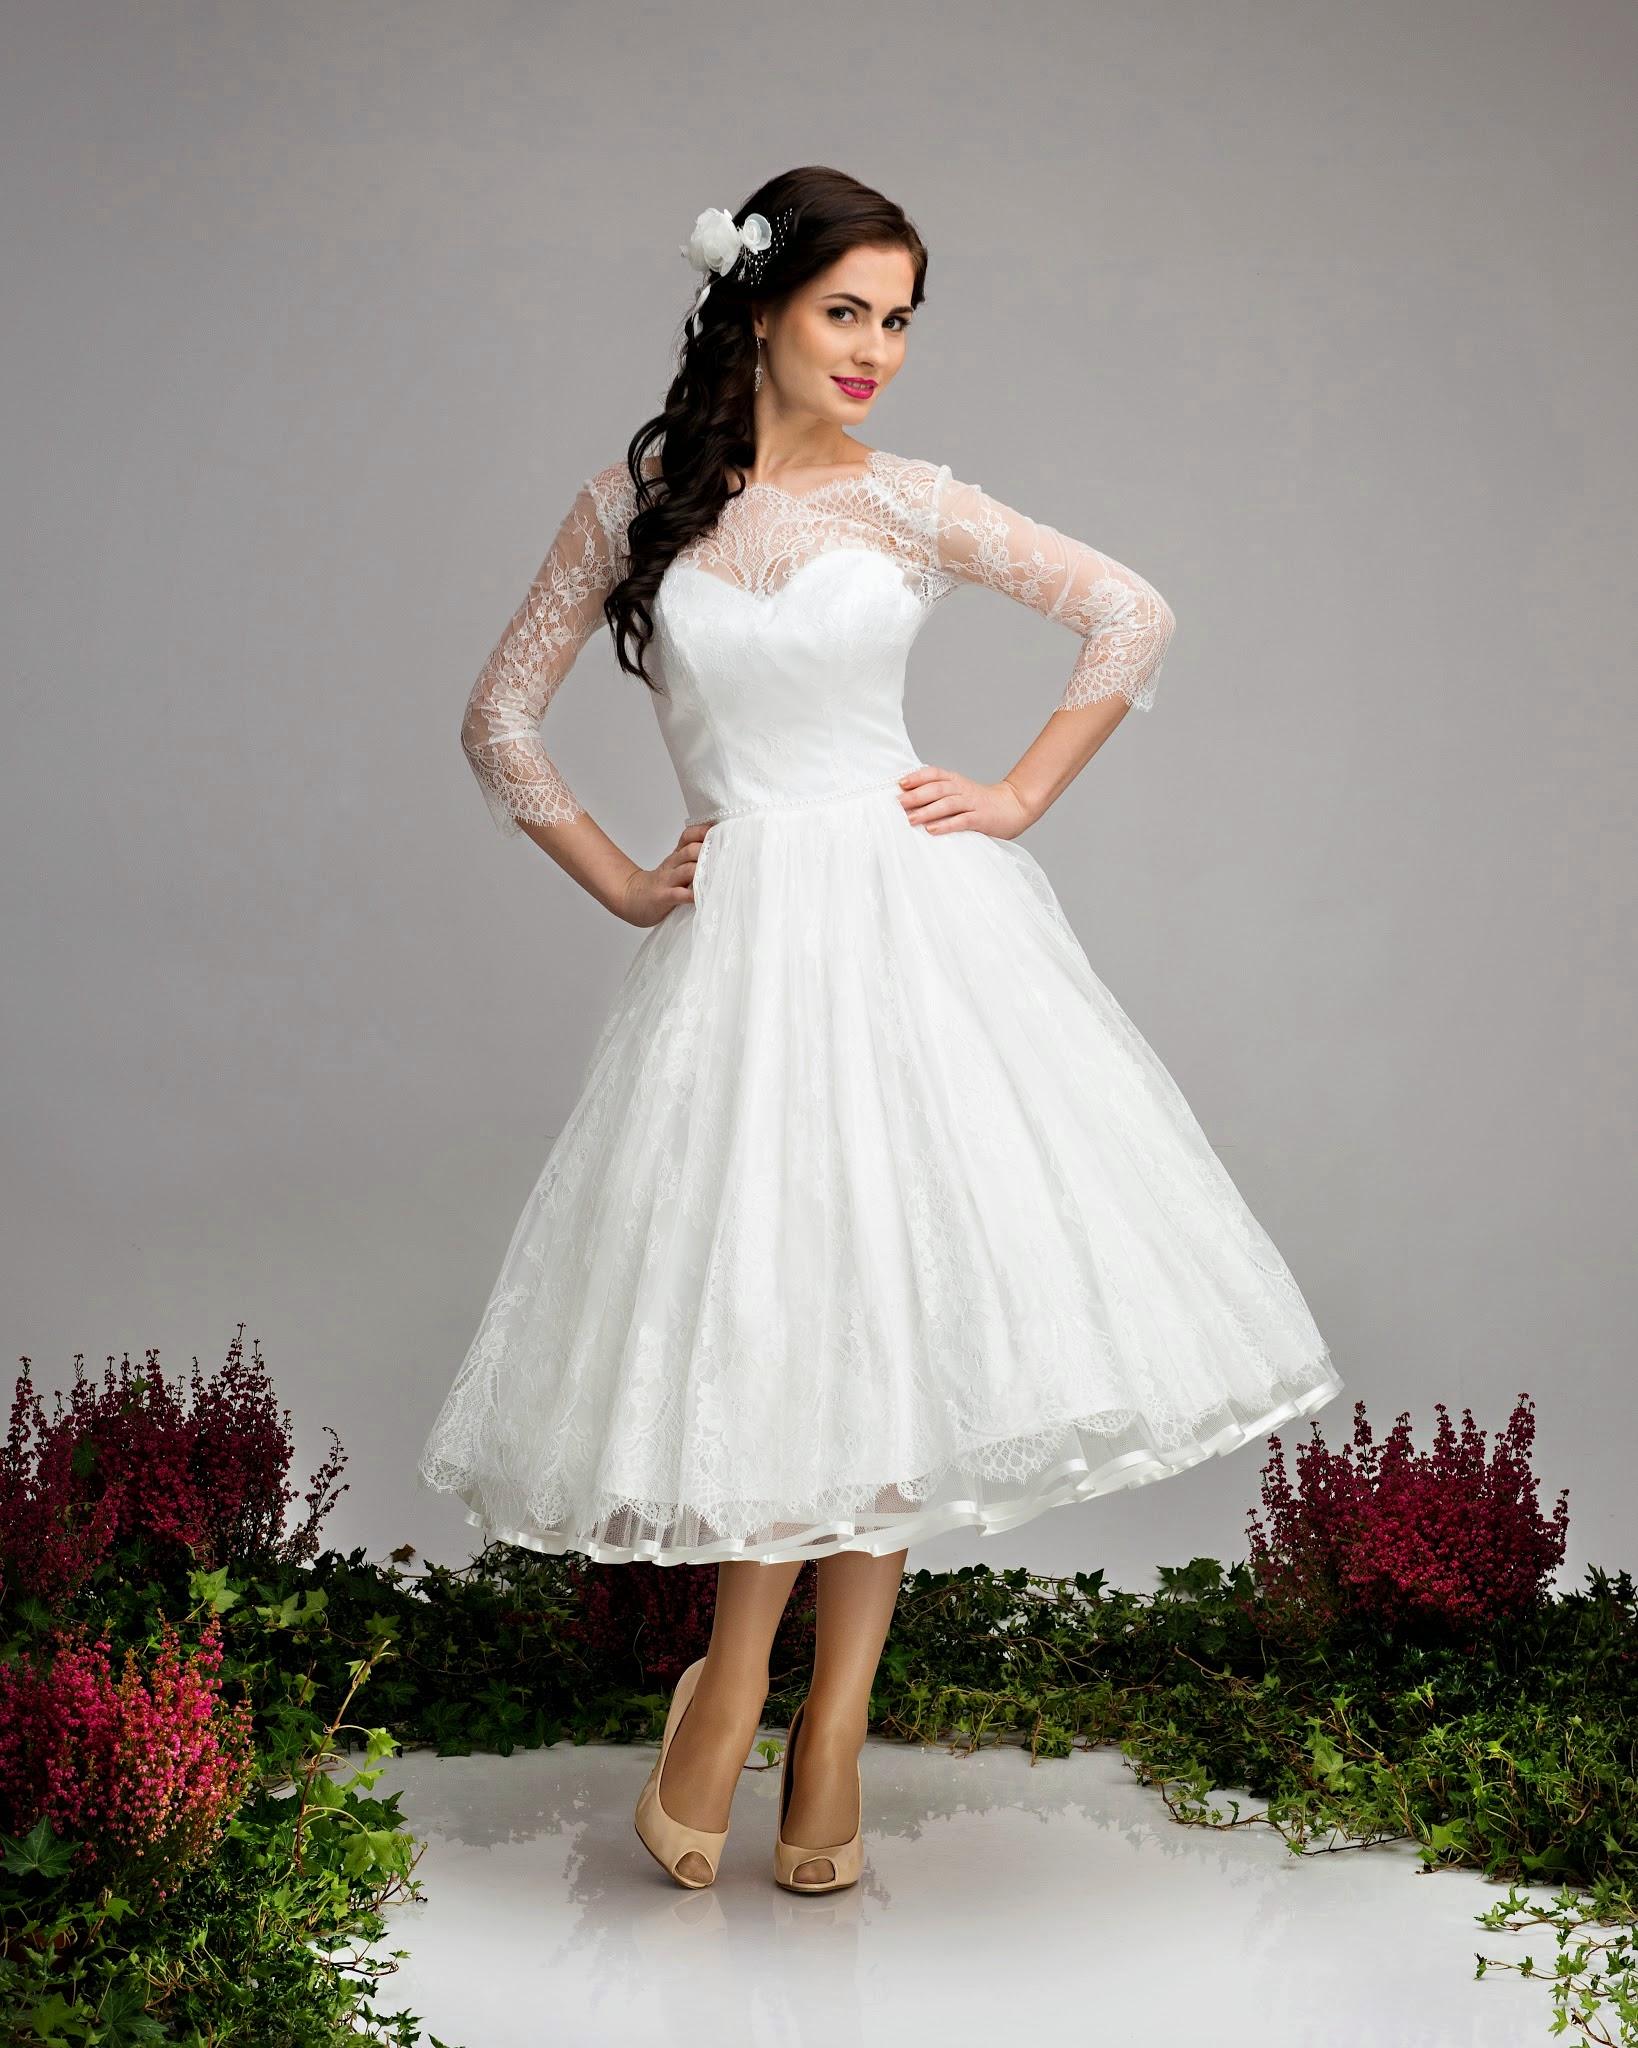 Kurzes Spitzen-Brautkleid Hochzeitskleid Cindy 16-er Stil